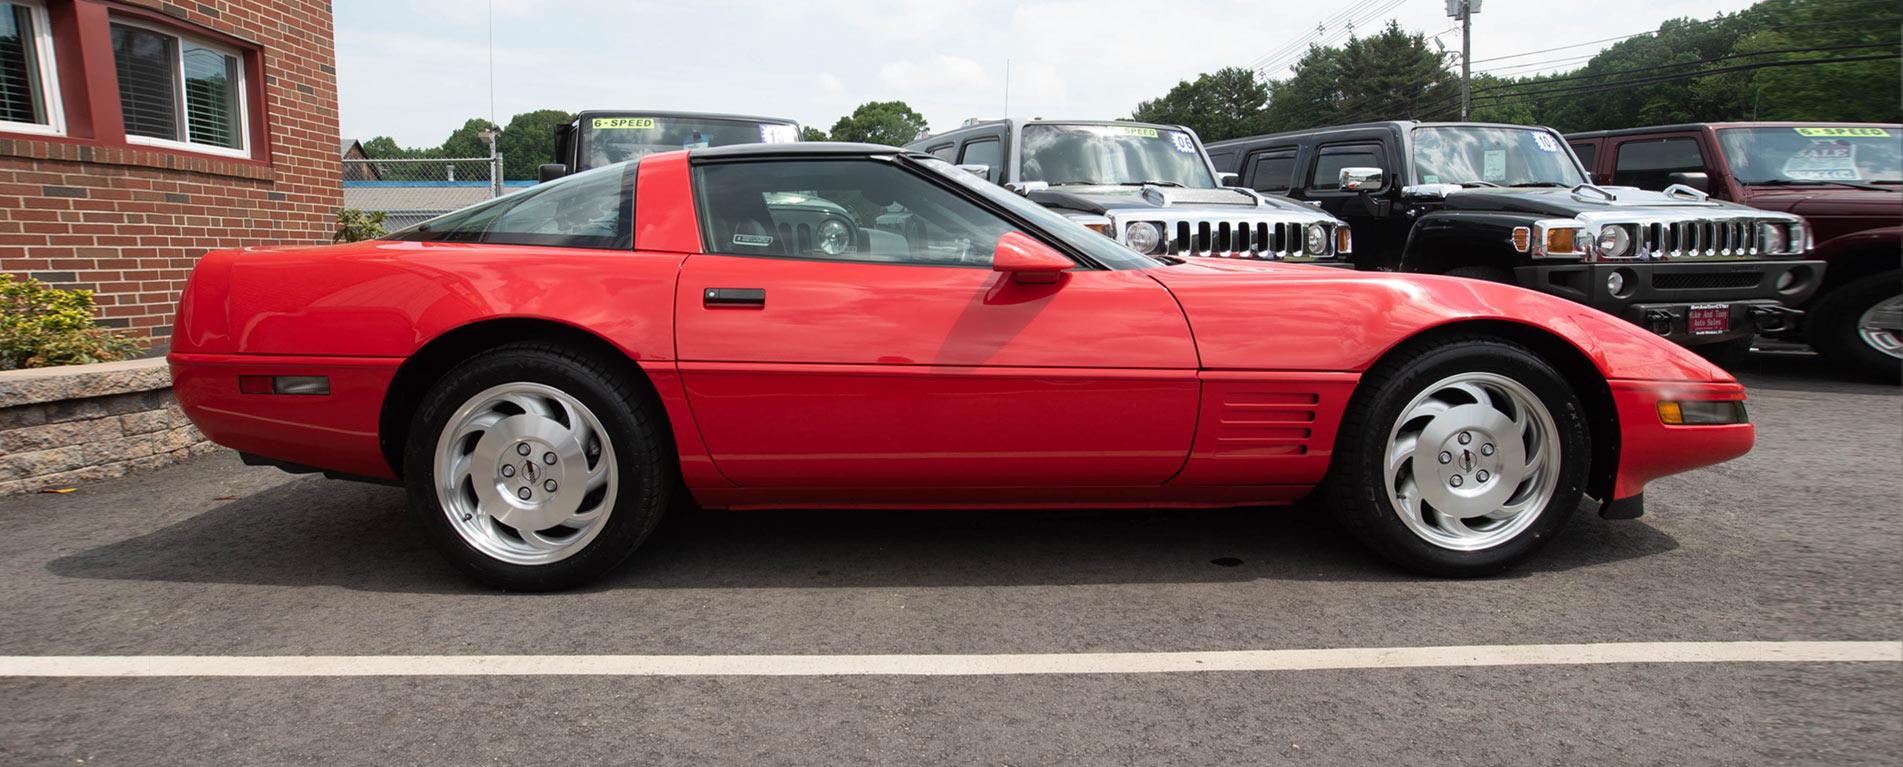 Used Car Dealerships Windsor >> Used Car Dealer In South Windsor East Hartford Windsor Ellington